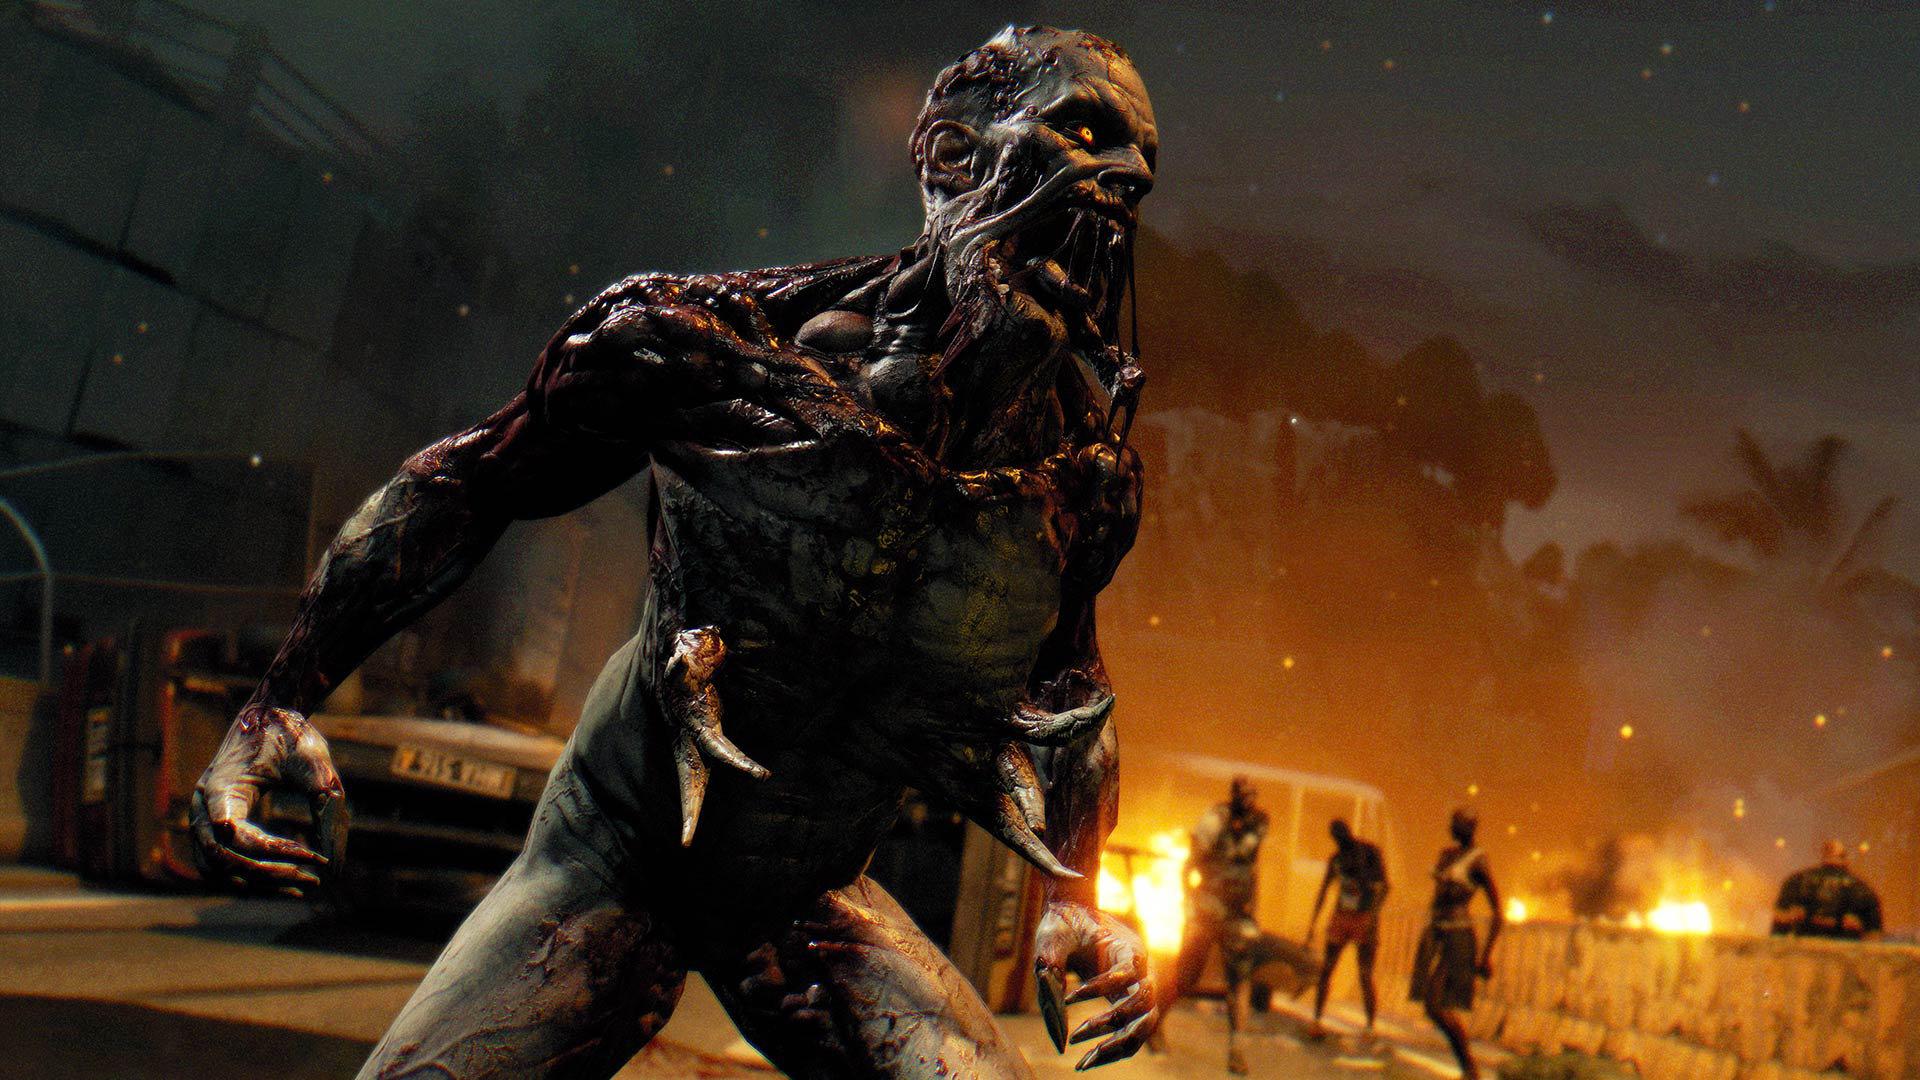 Games like Resident Evil - Dying Light